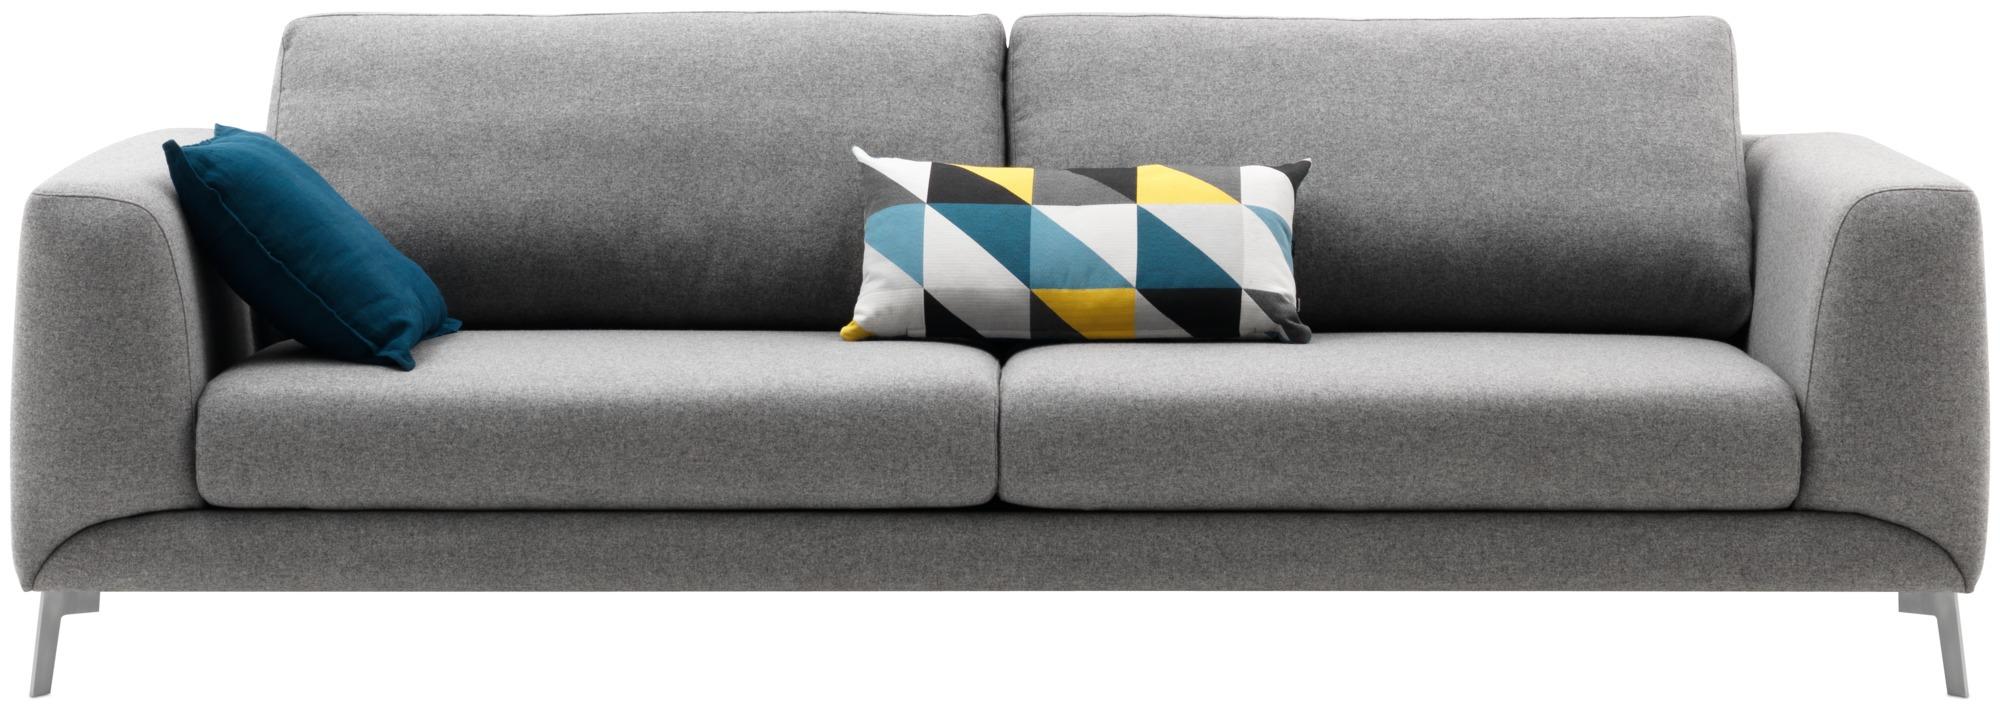 sofa-aconcept-copy